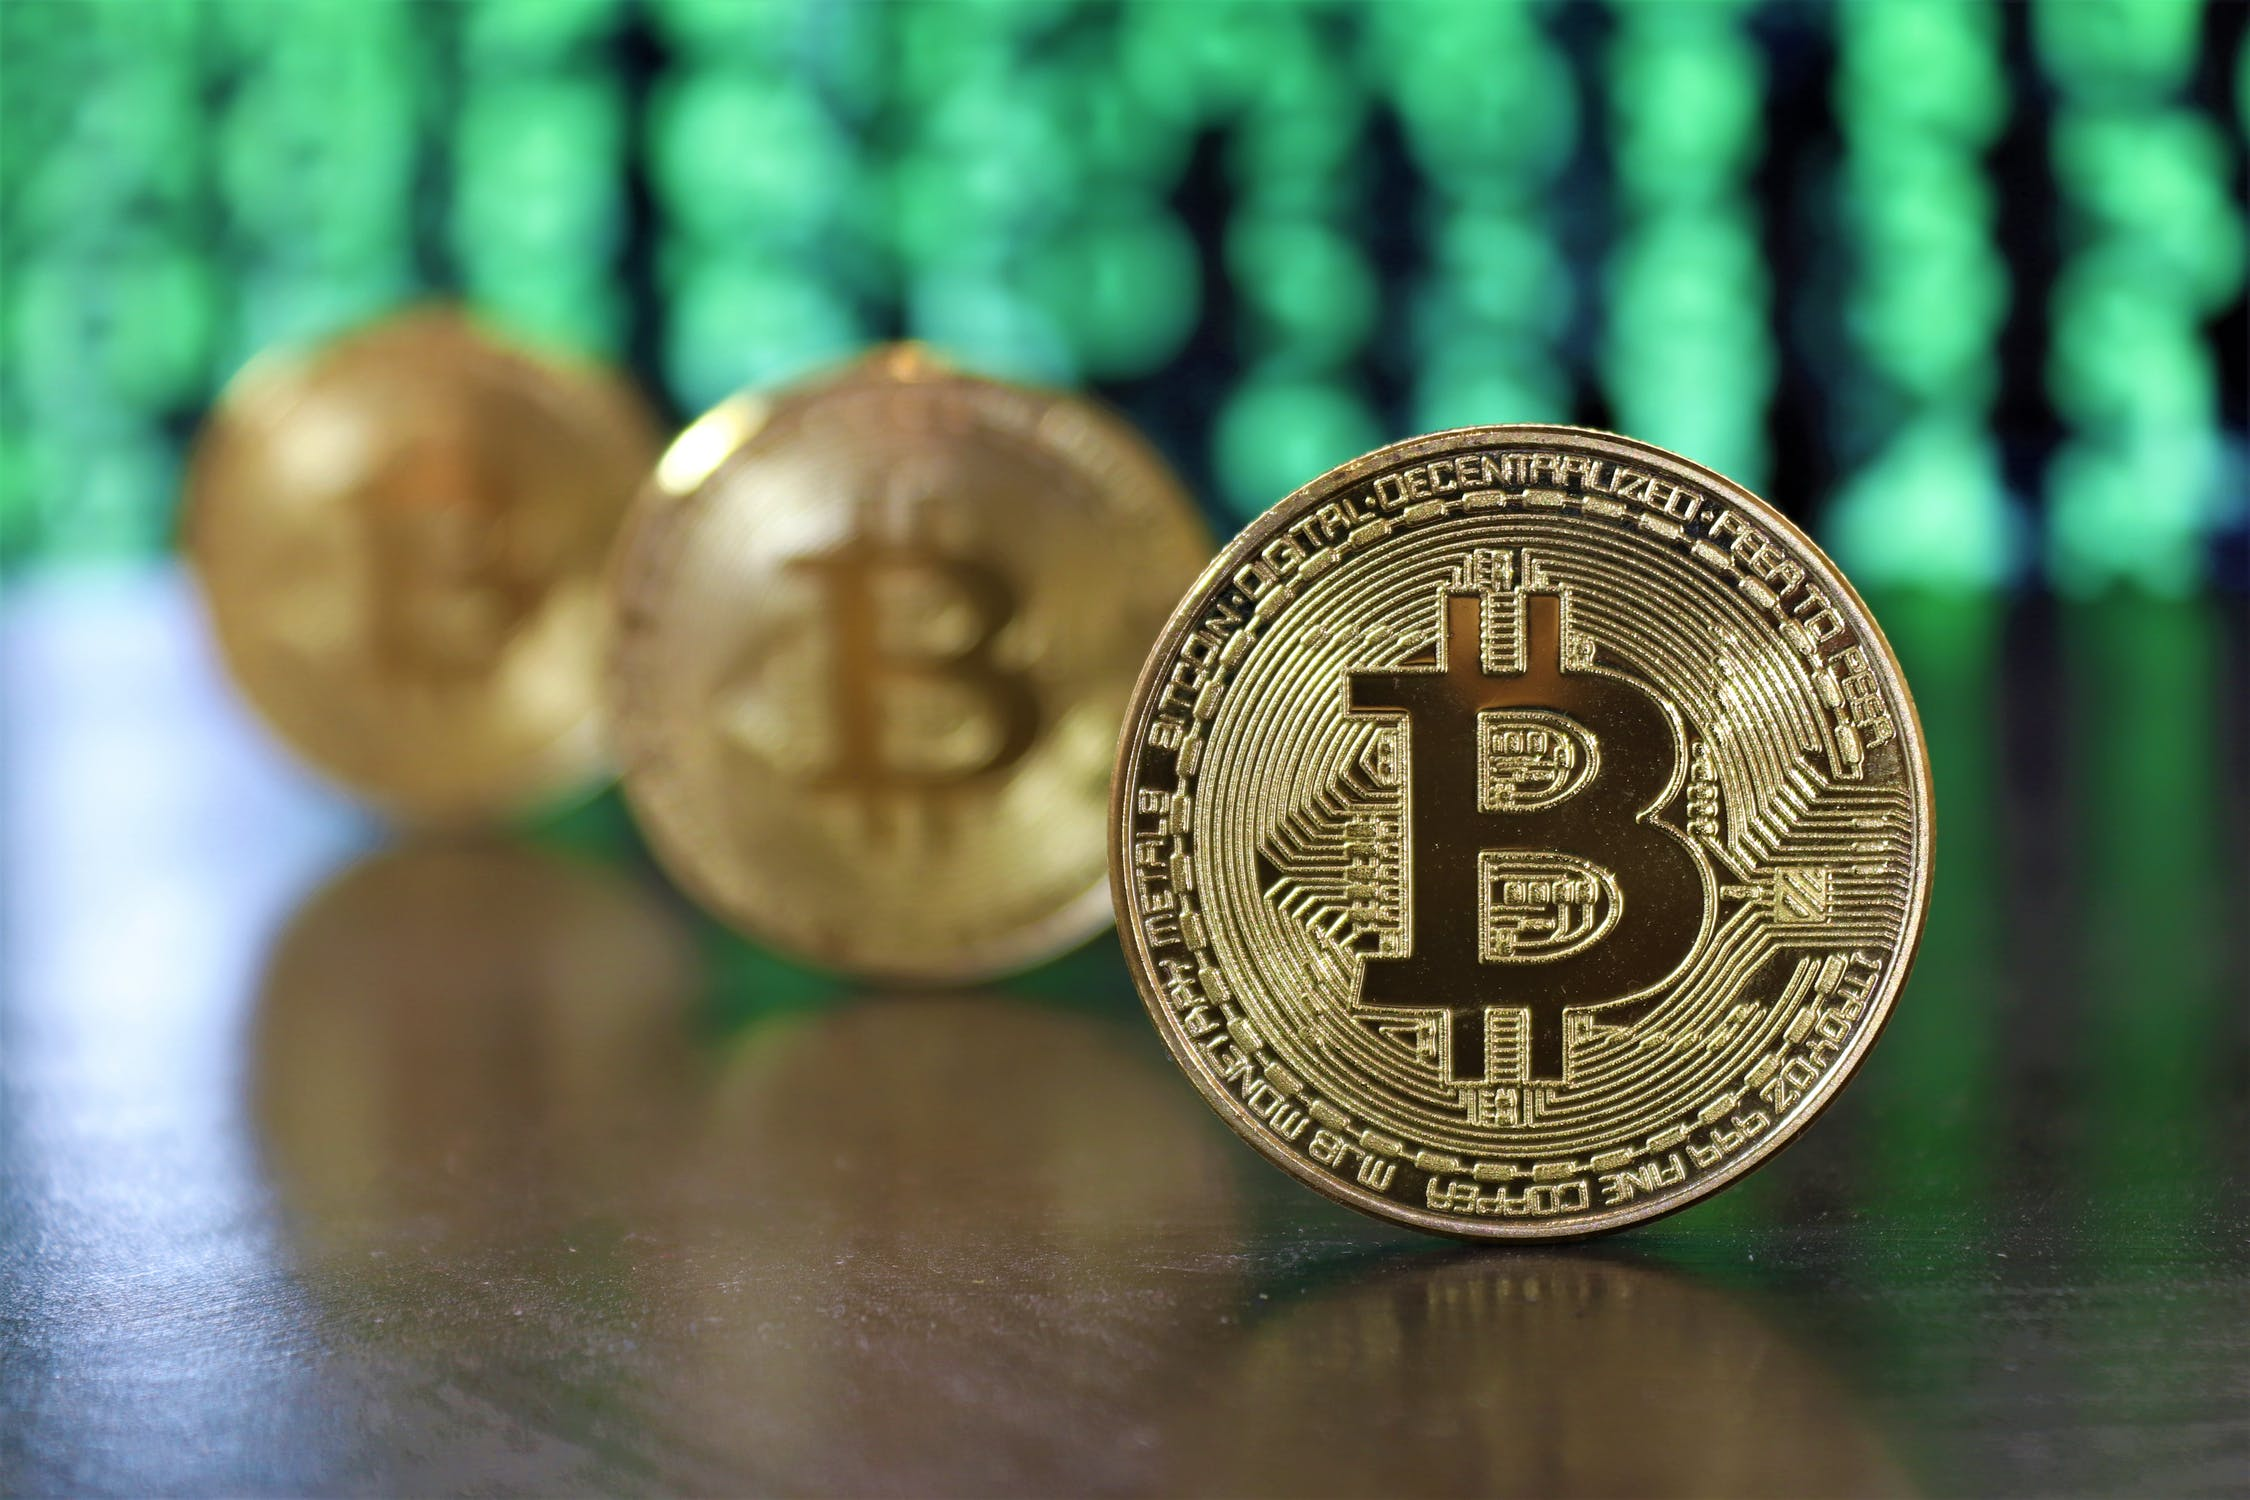 Le prix du Bitcoin (BTC) repart à la hausse, une clôture cruciale au-dessus de 35 000 dollars